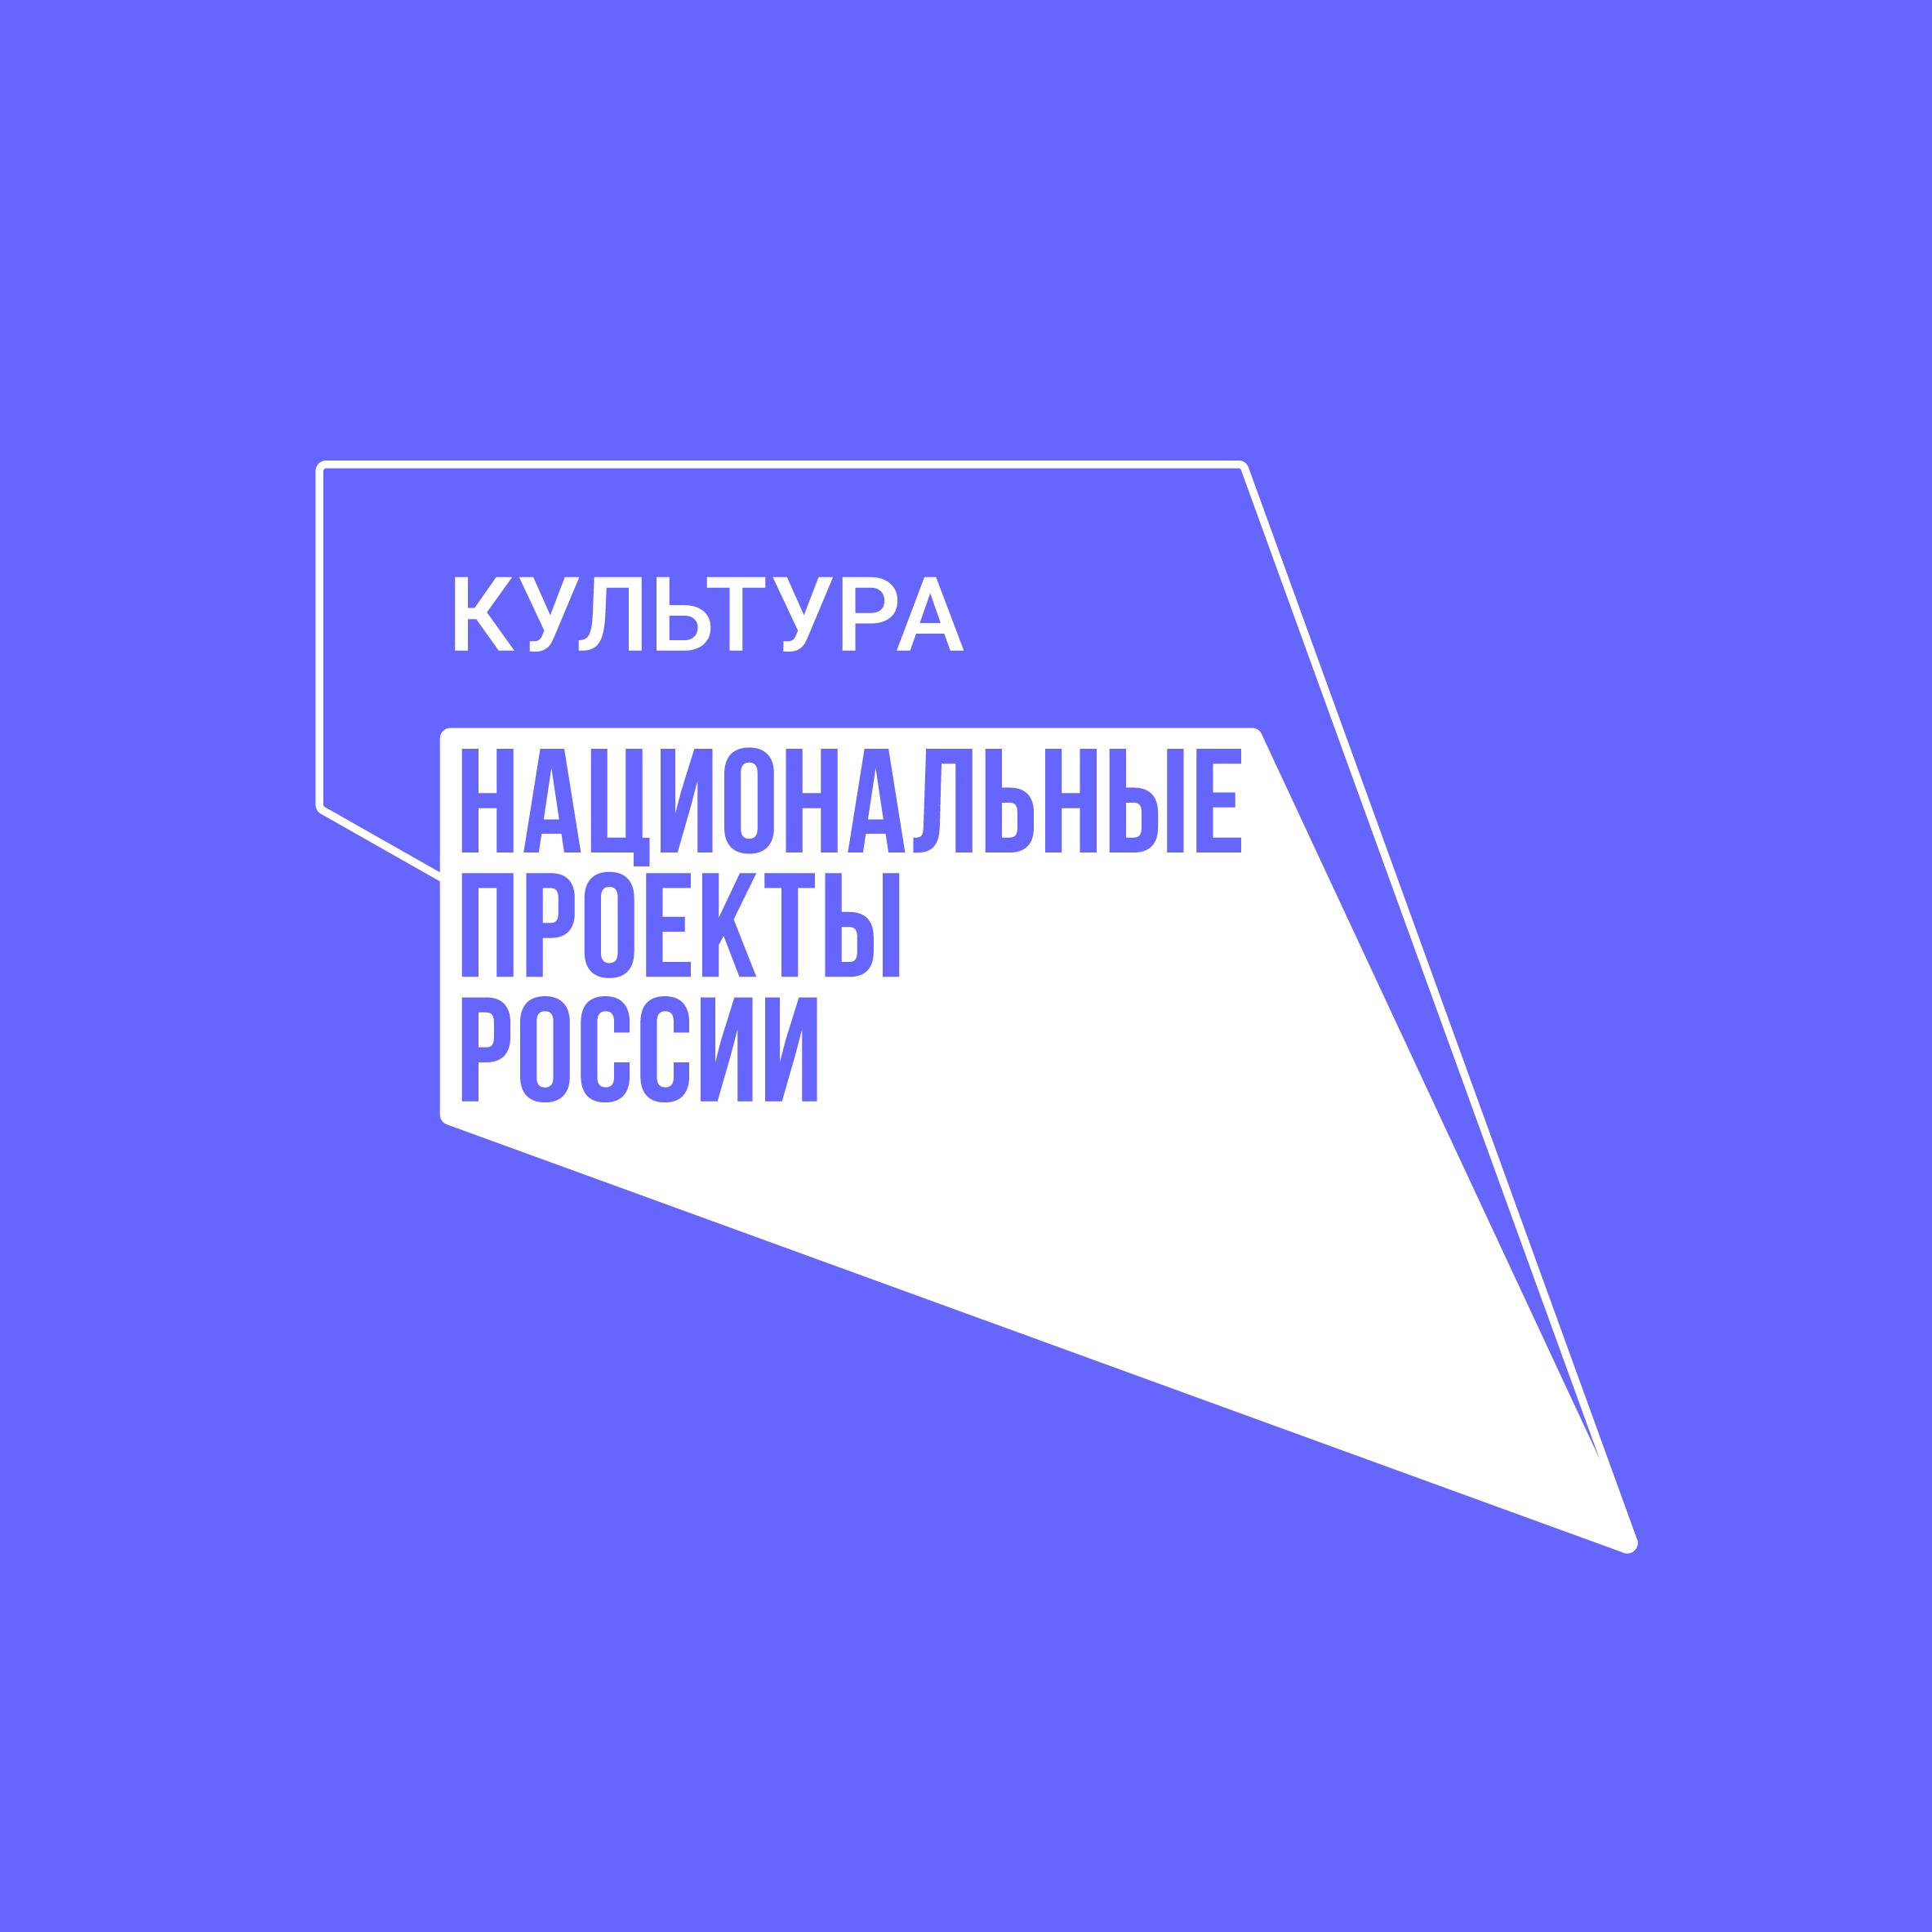 Национальные проекты России